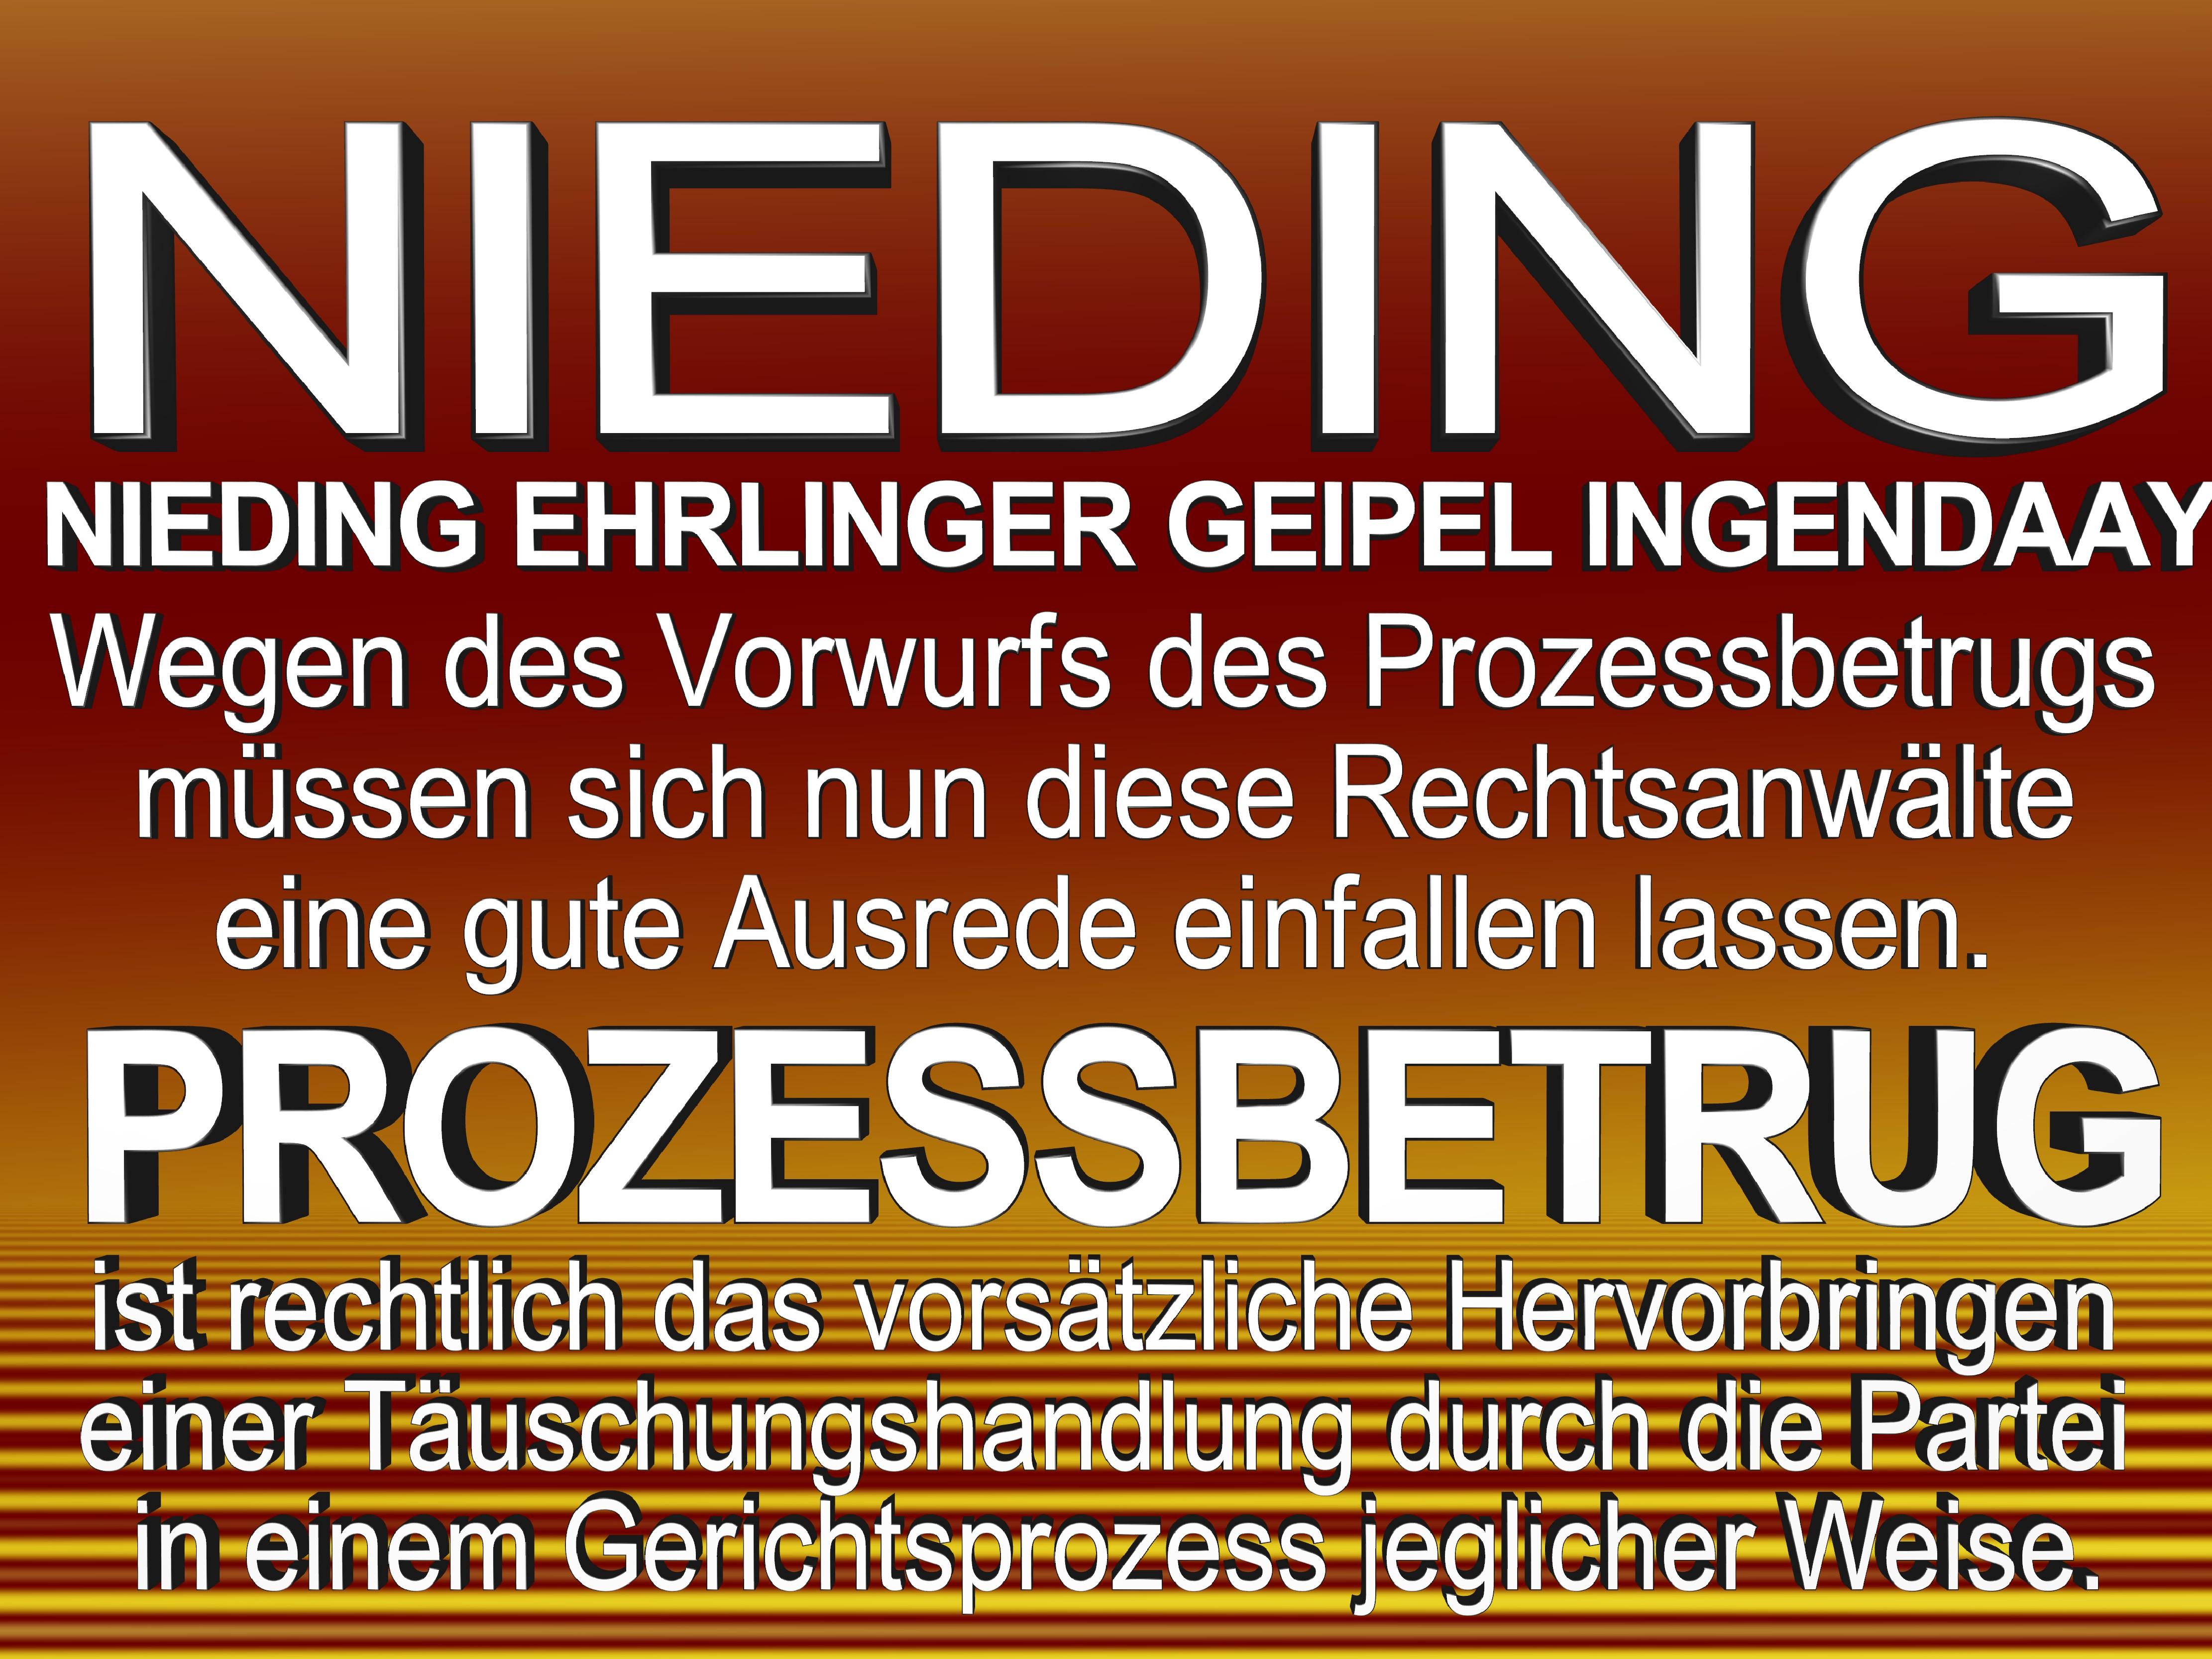 NIEDING EHRLINGER GEIPEL INGENDAAY LELKE Kurfürstendamm 66 Berlin (130)